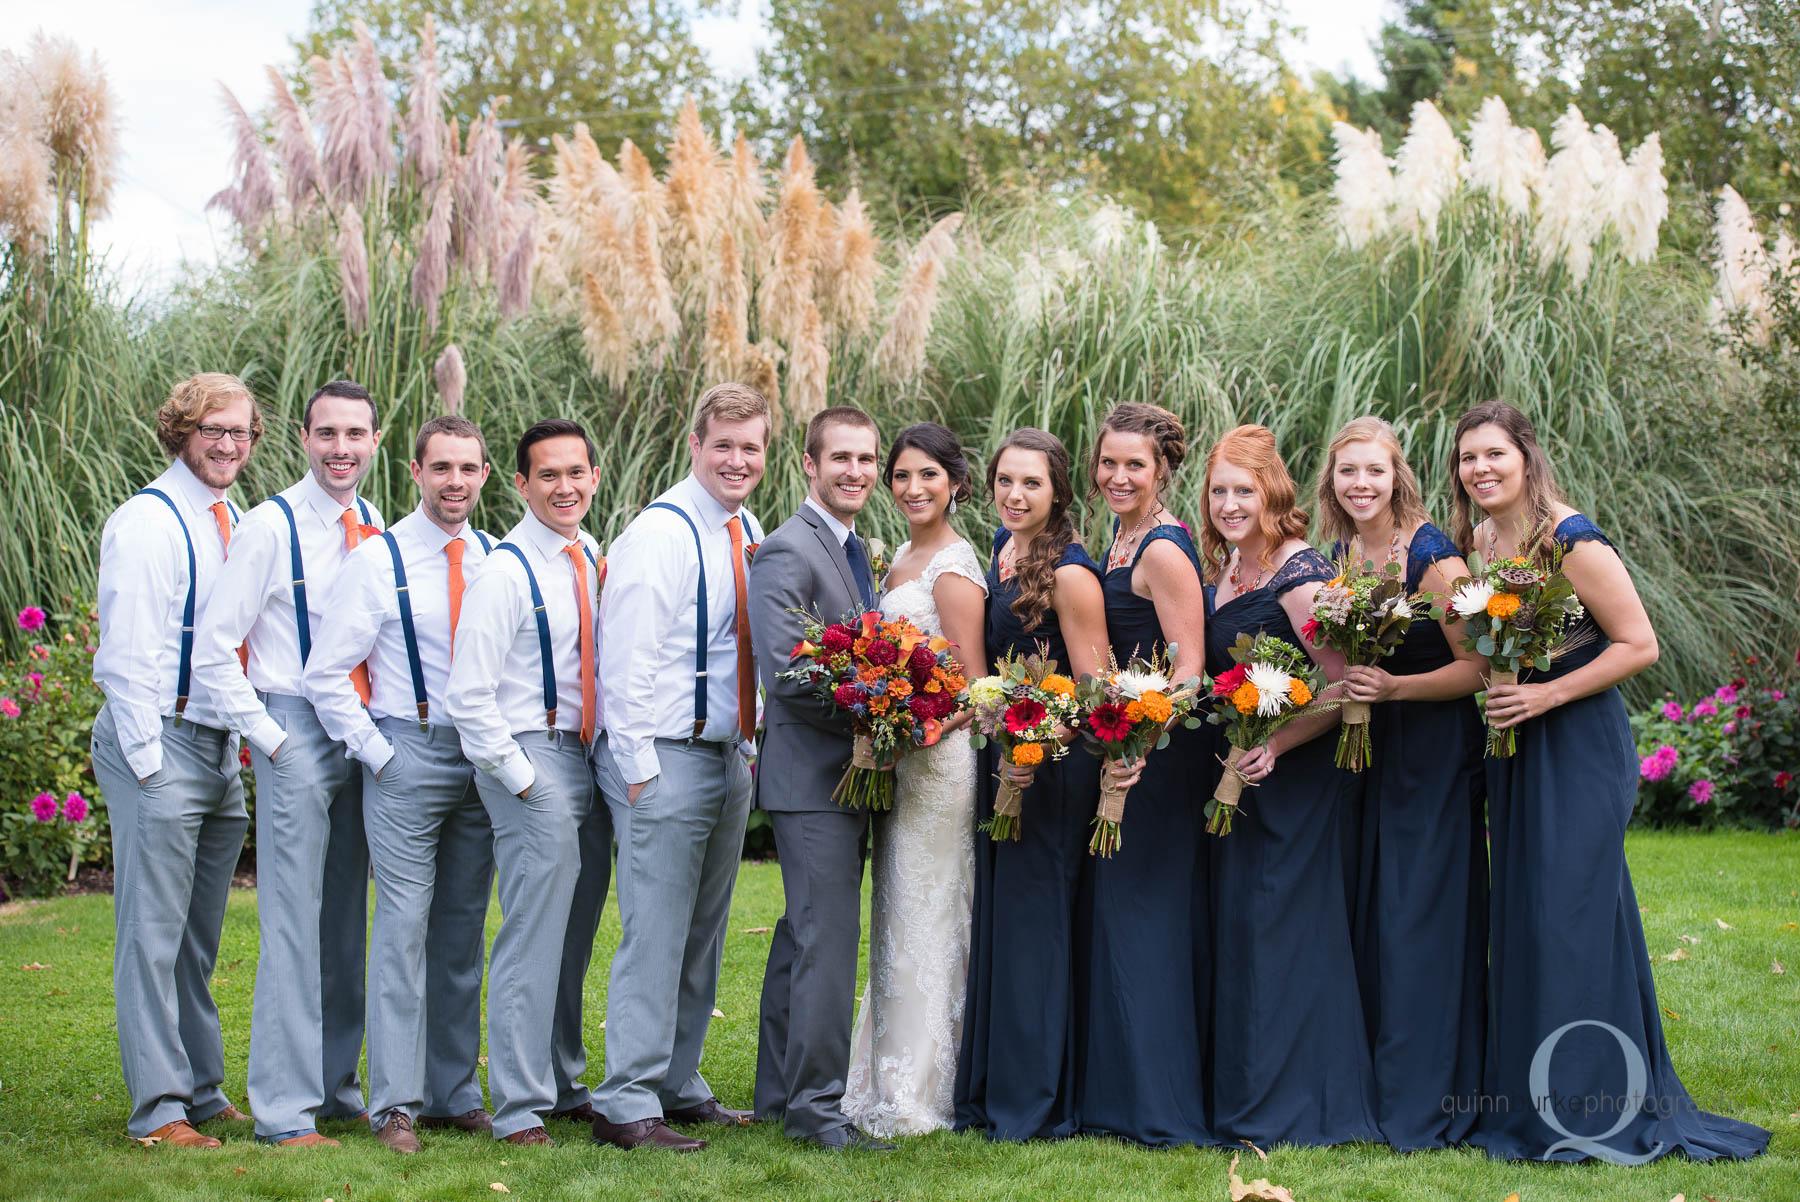 wedding party together at Green Villa Barn